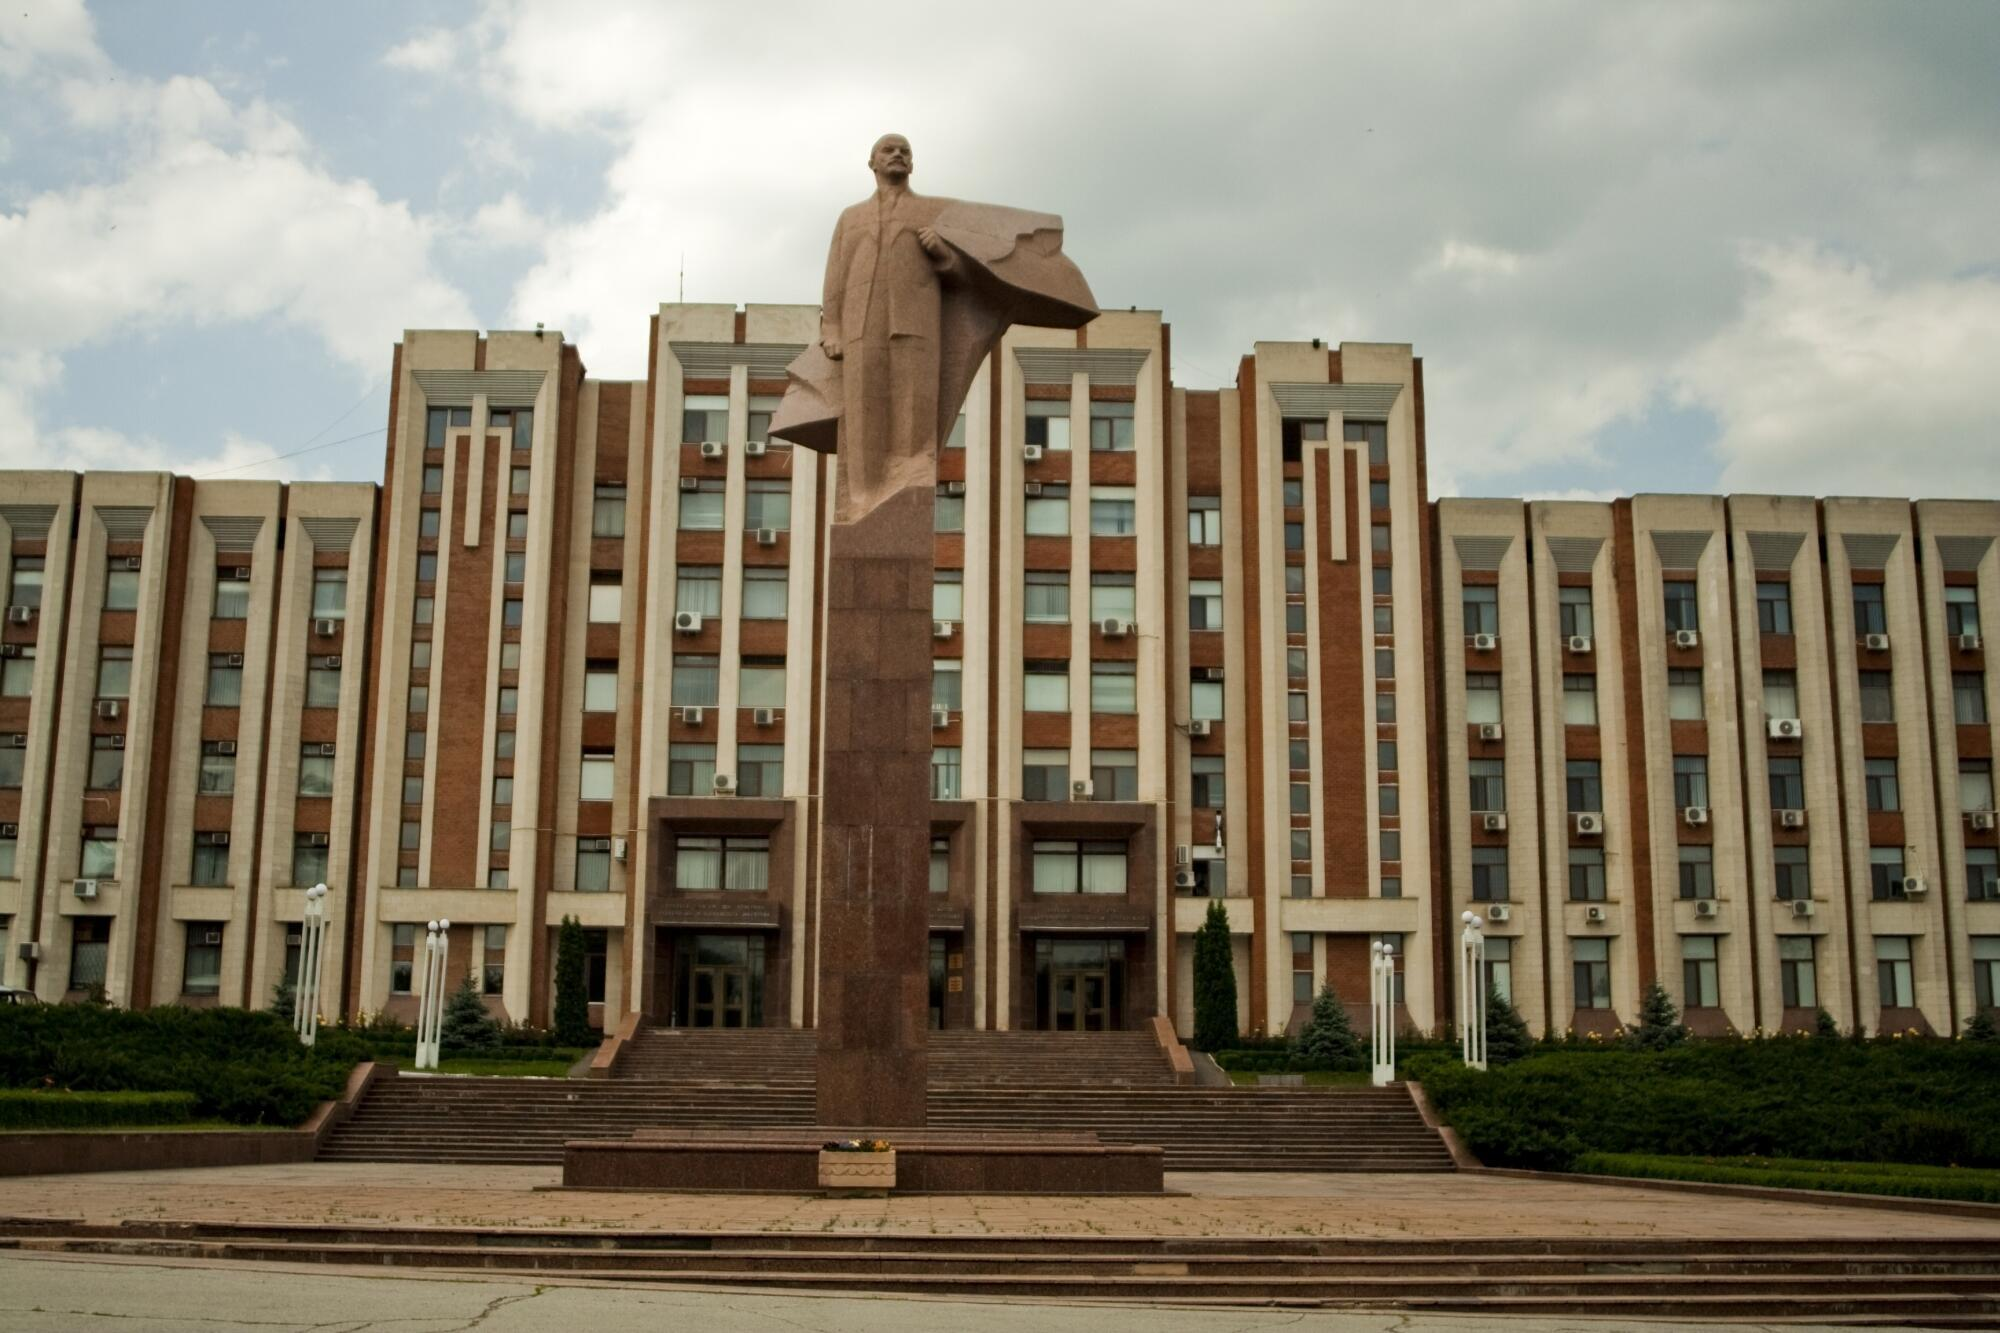 La statue de Lénine devant le soviet suprême de Tiraspol en Transnistrie.